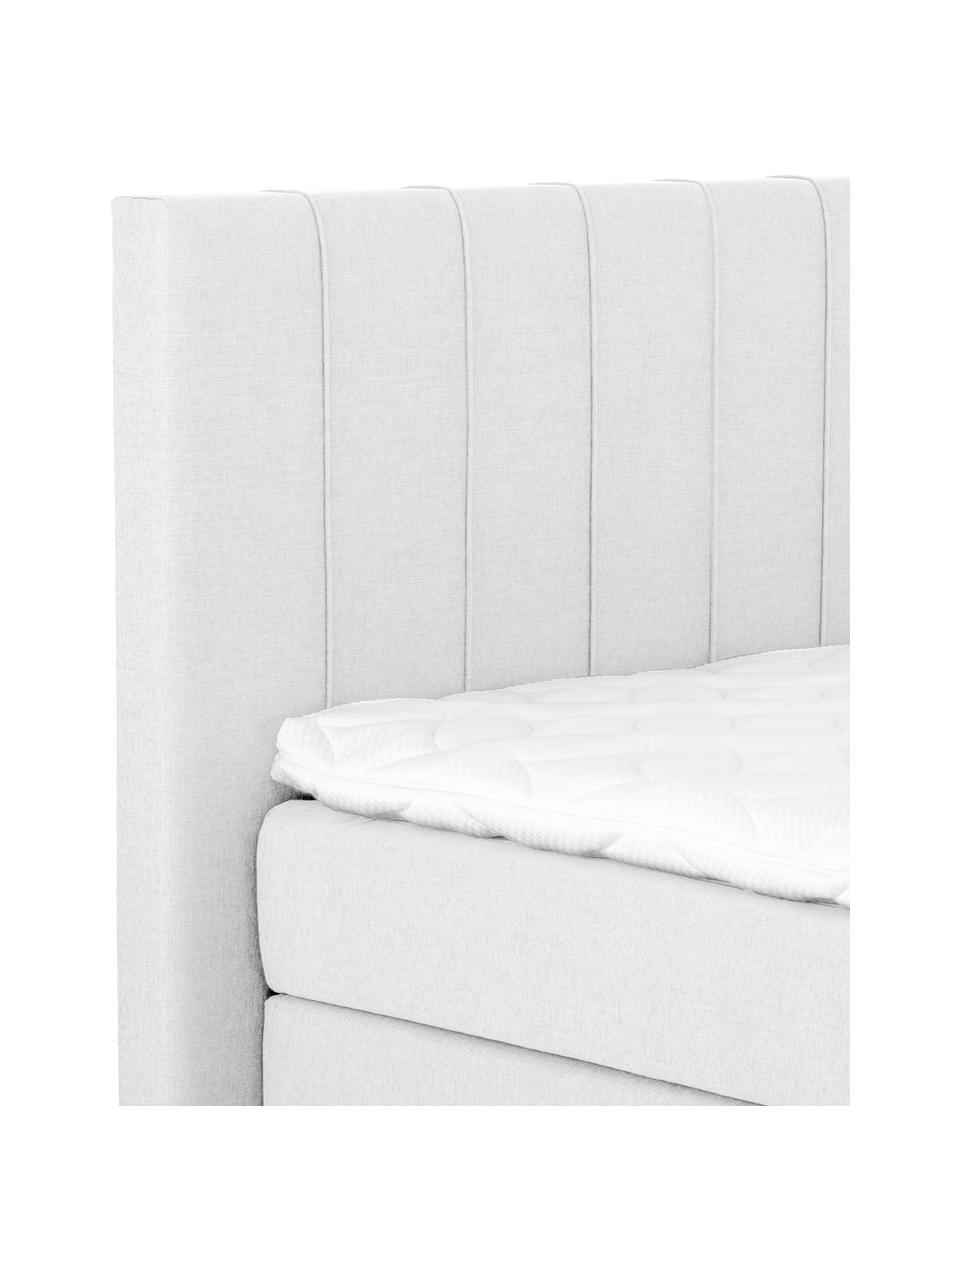 Premium Boxspringbett Lacey in Hellgrau, Matratze: 7-Zonen-Taschenfederkern , Füße: Massives Buchenholz, lack, Webstoff Hellgrau, 140 x 200 cm